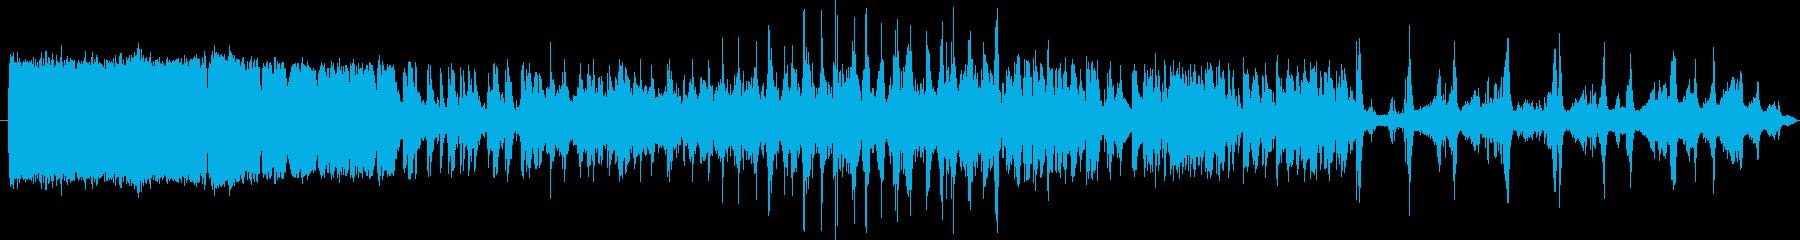 テスラコイル2;大型テスラコイル;...の再生済みの波形